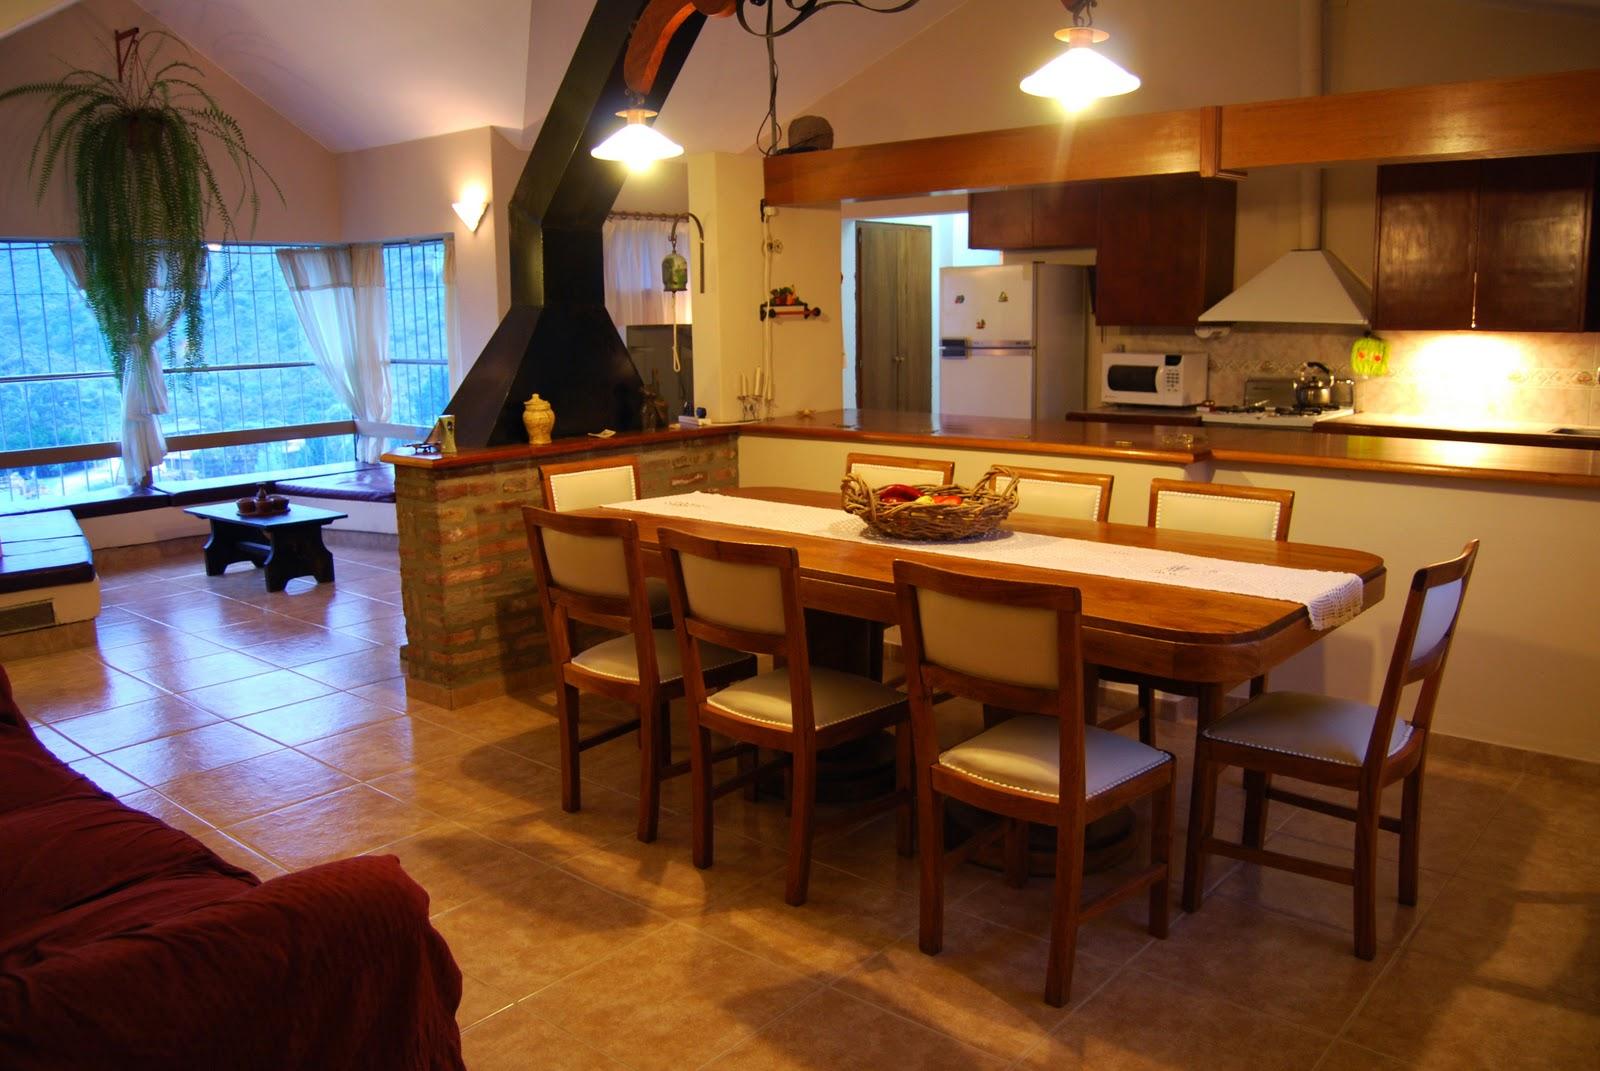 Cuesta blanca living cocina comedor con hogar for Adornos para comedor casa